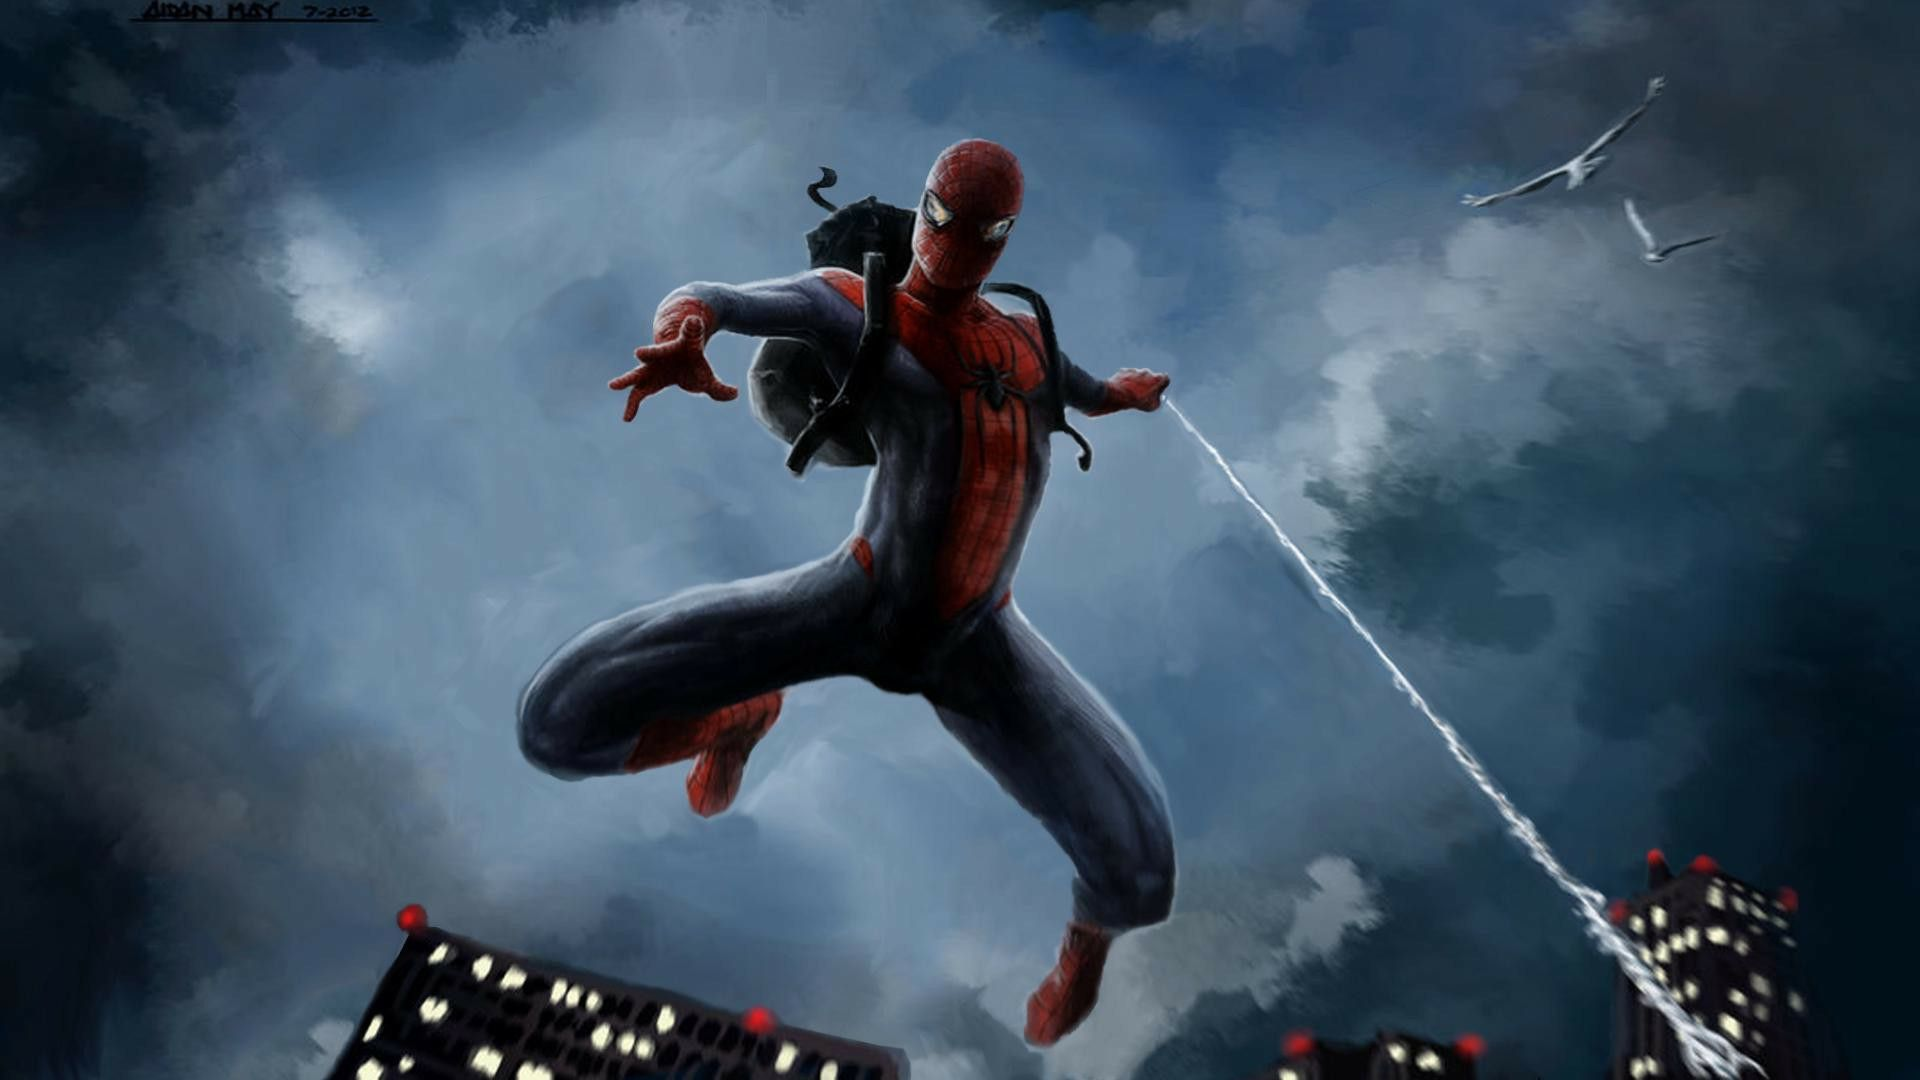 Pin By Zoren Radd On Spider Man Spiderman Pictures Spiderman